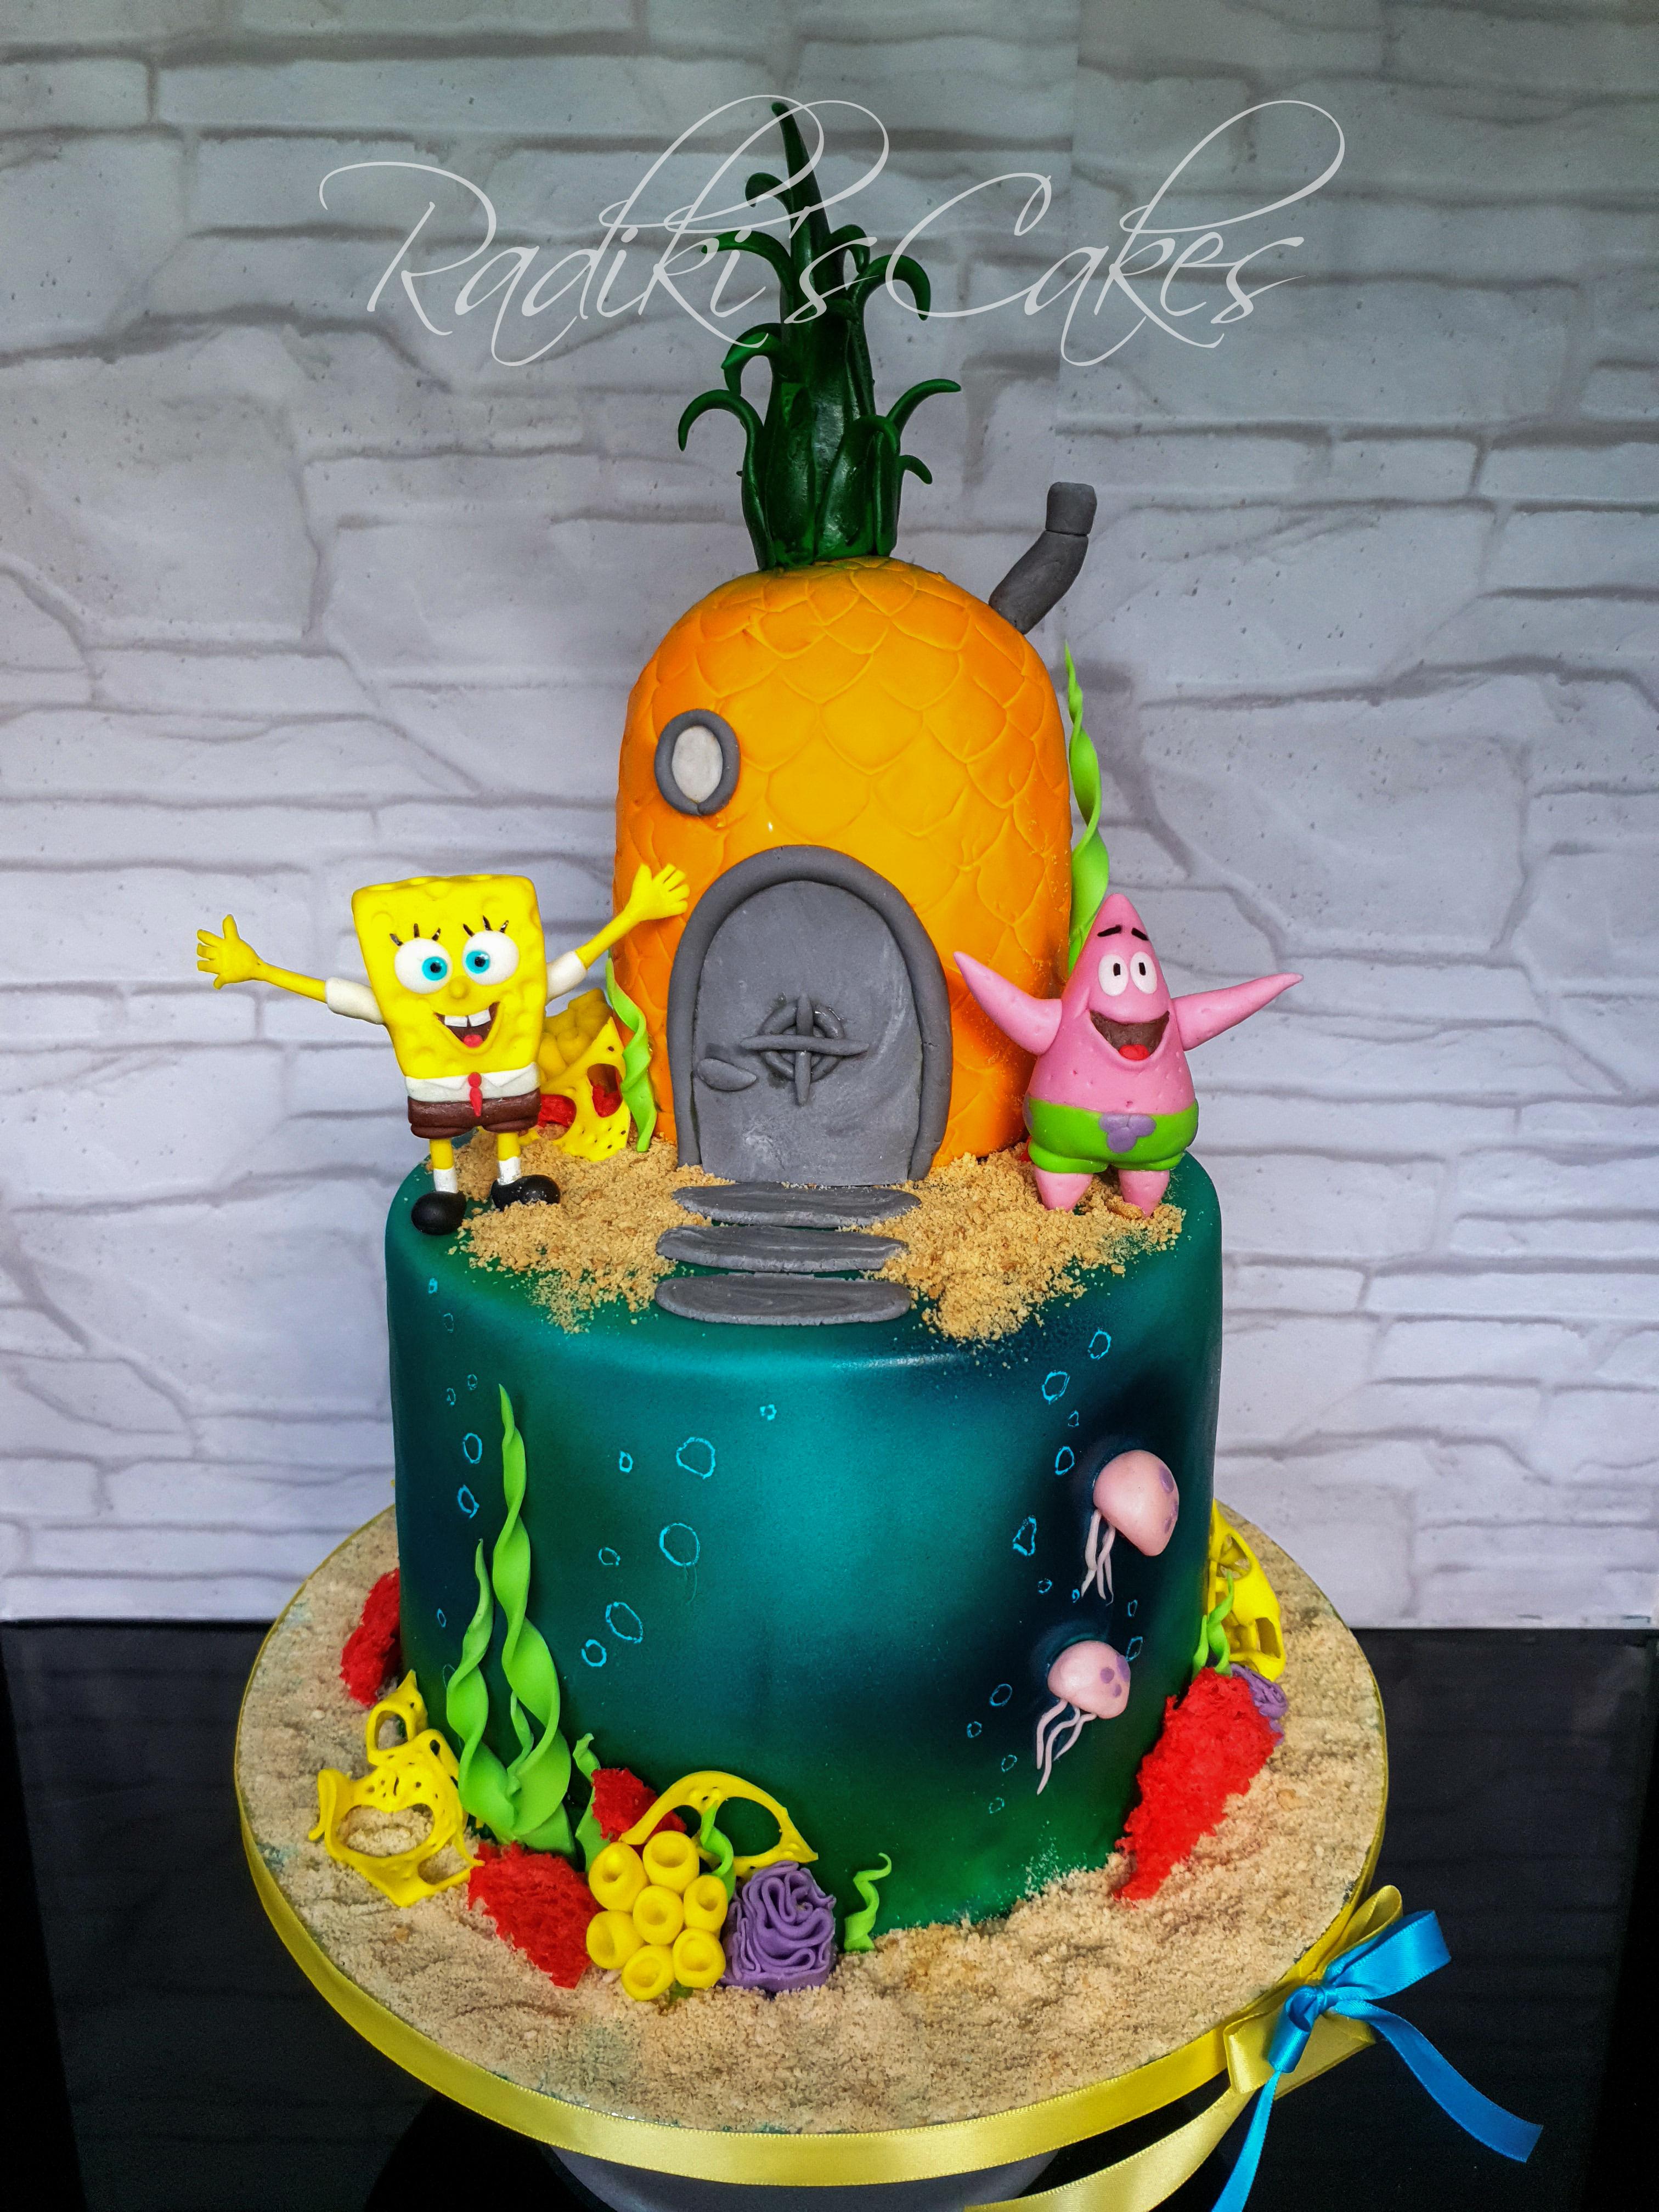 Sponge Bob Square pants v.1.0.